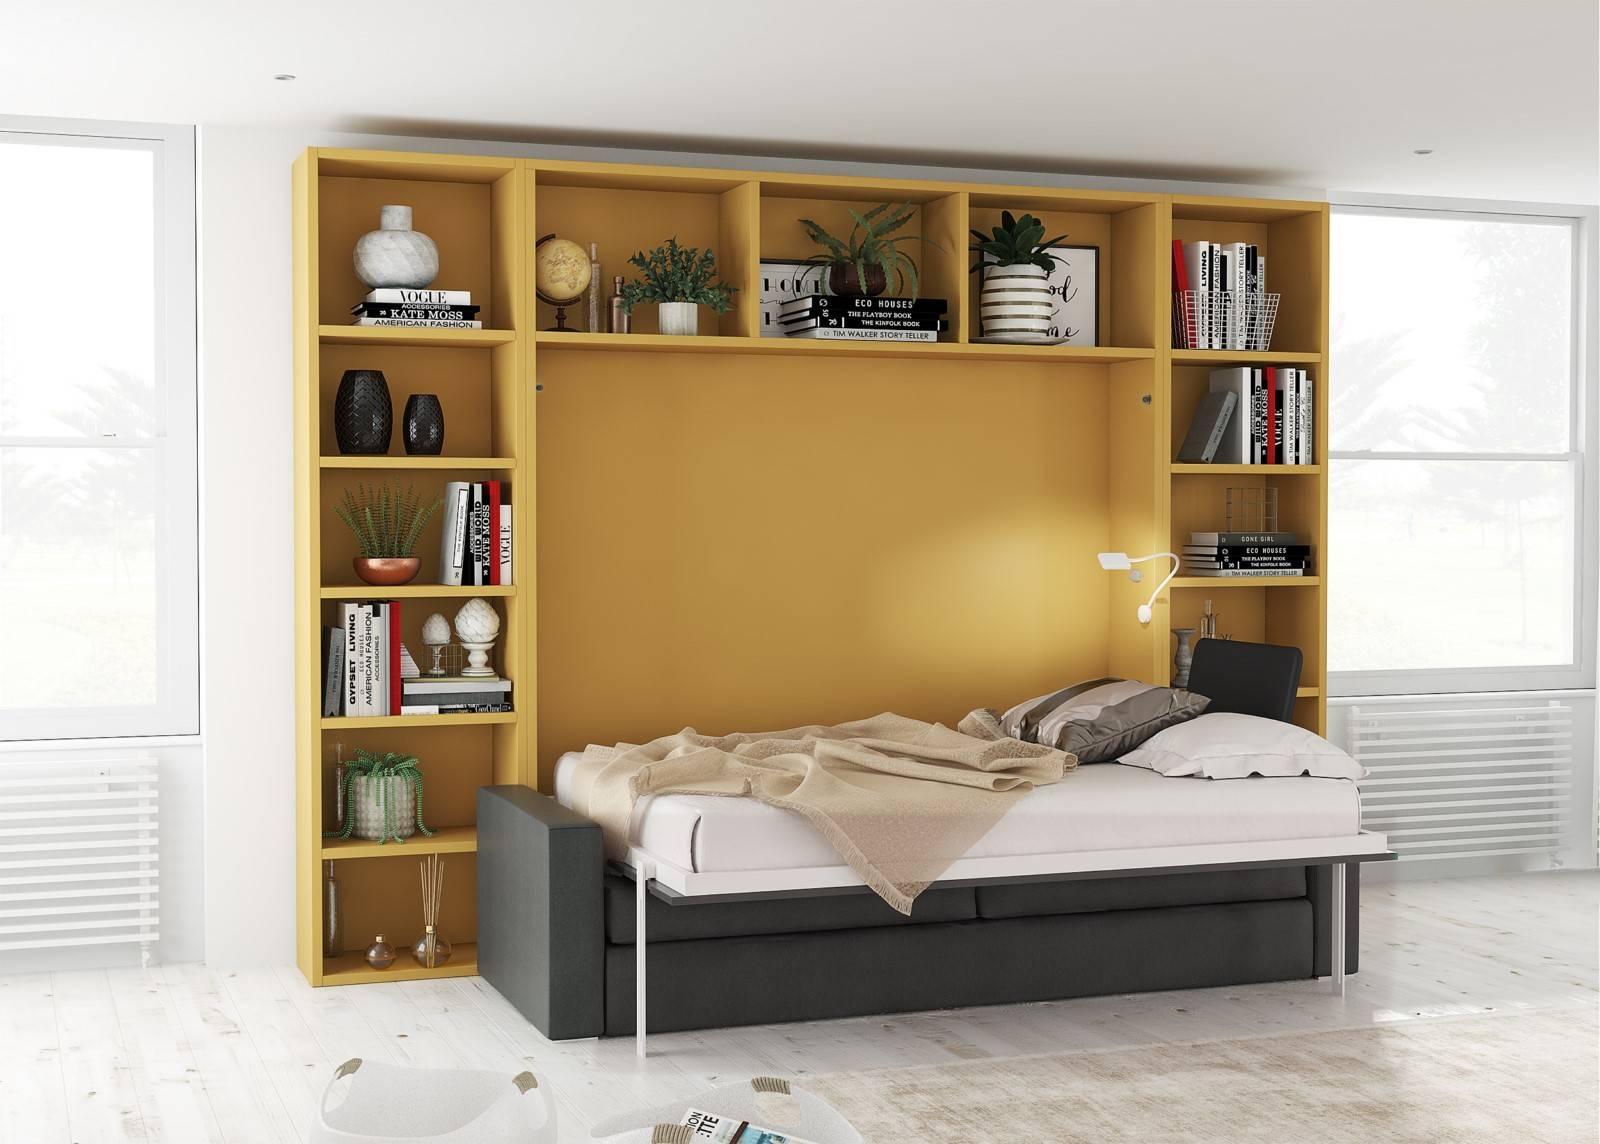 lit escamotable horizontal avec canap int gr mod le. Black Bedroom Furniture Sets. Home Design Ideas